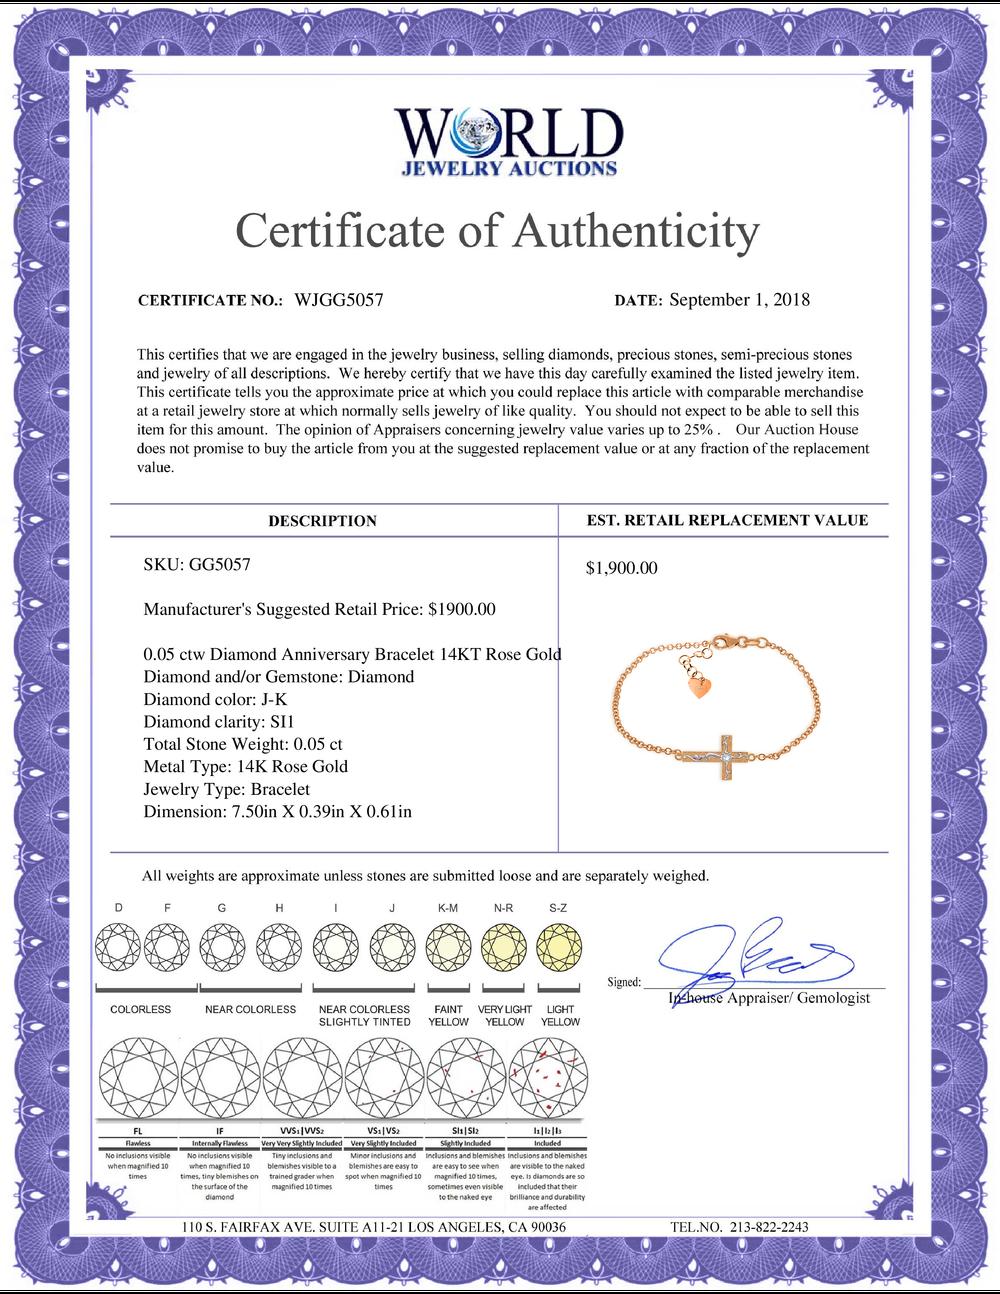 Lot 4149: Genuine 0.05 ctw Diamond Anniversary Bracelet Jewelry 14KT White Gold - REF-61Z8N